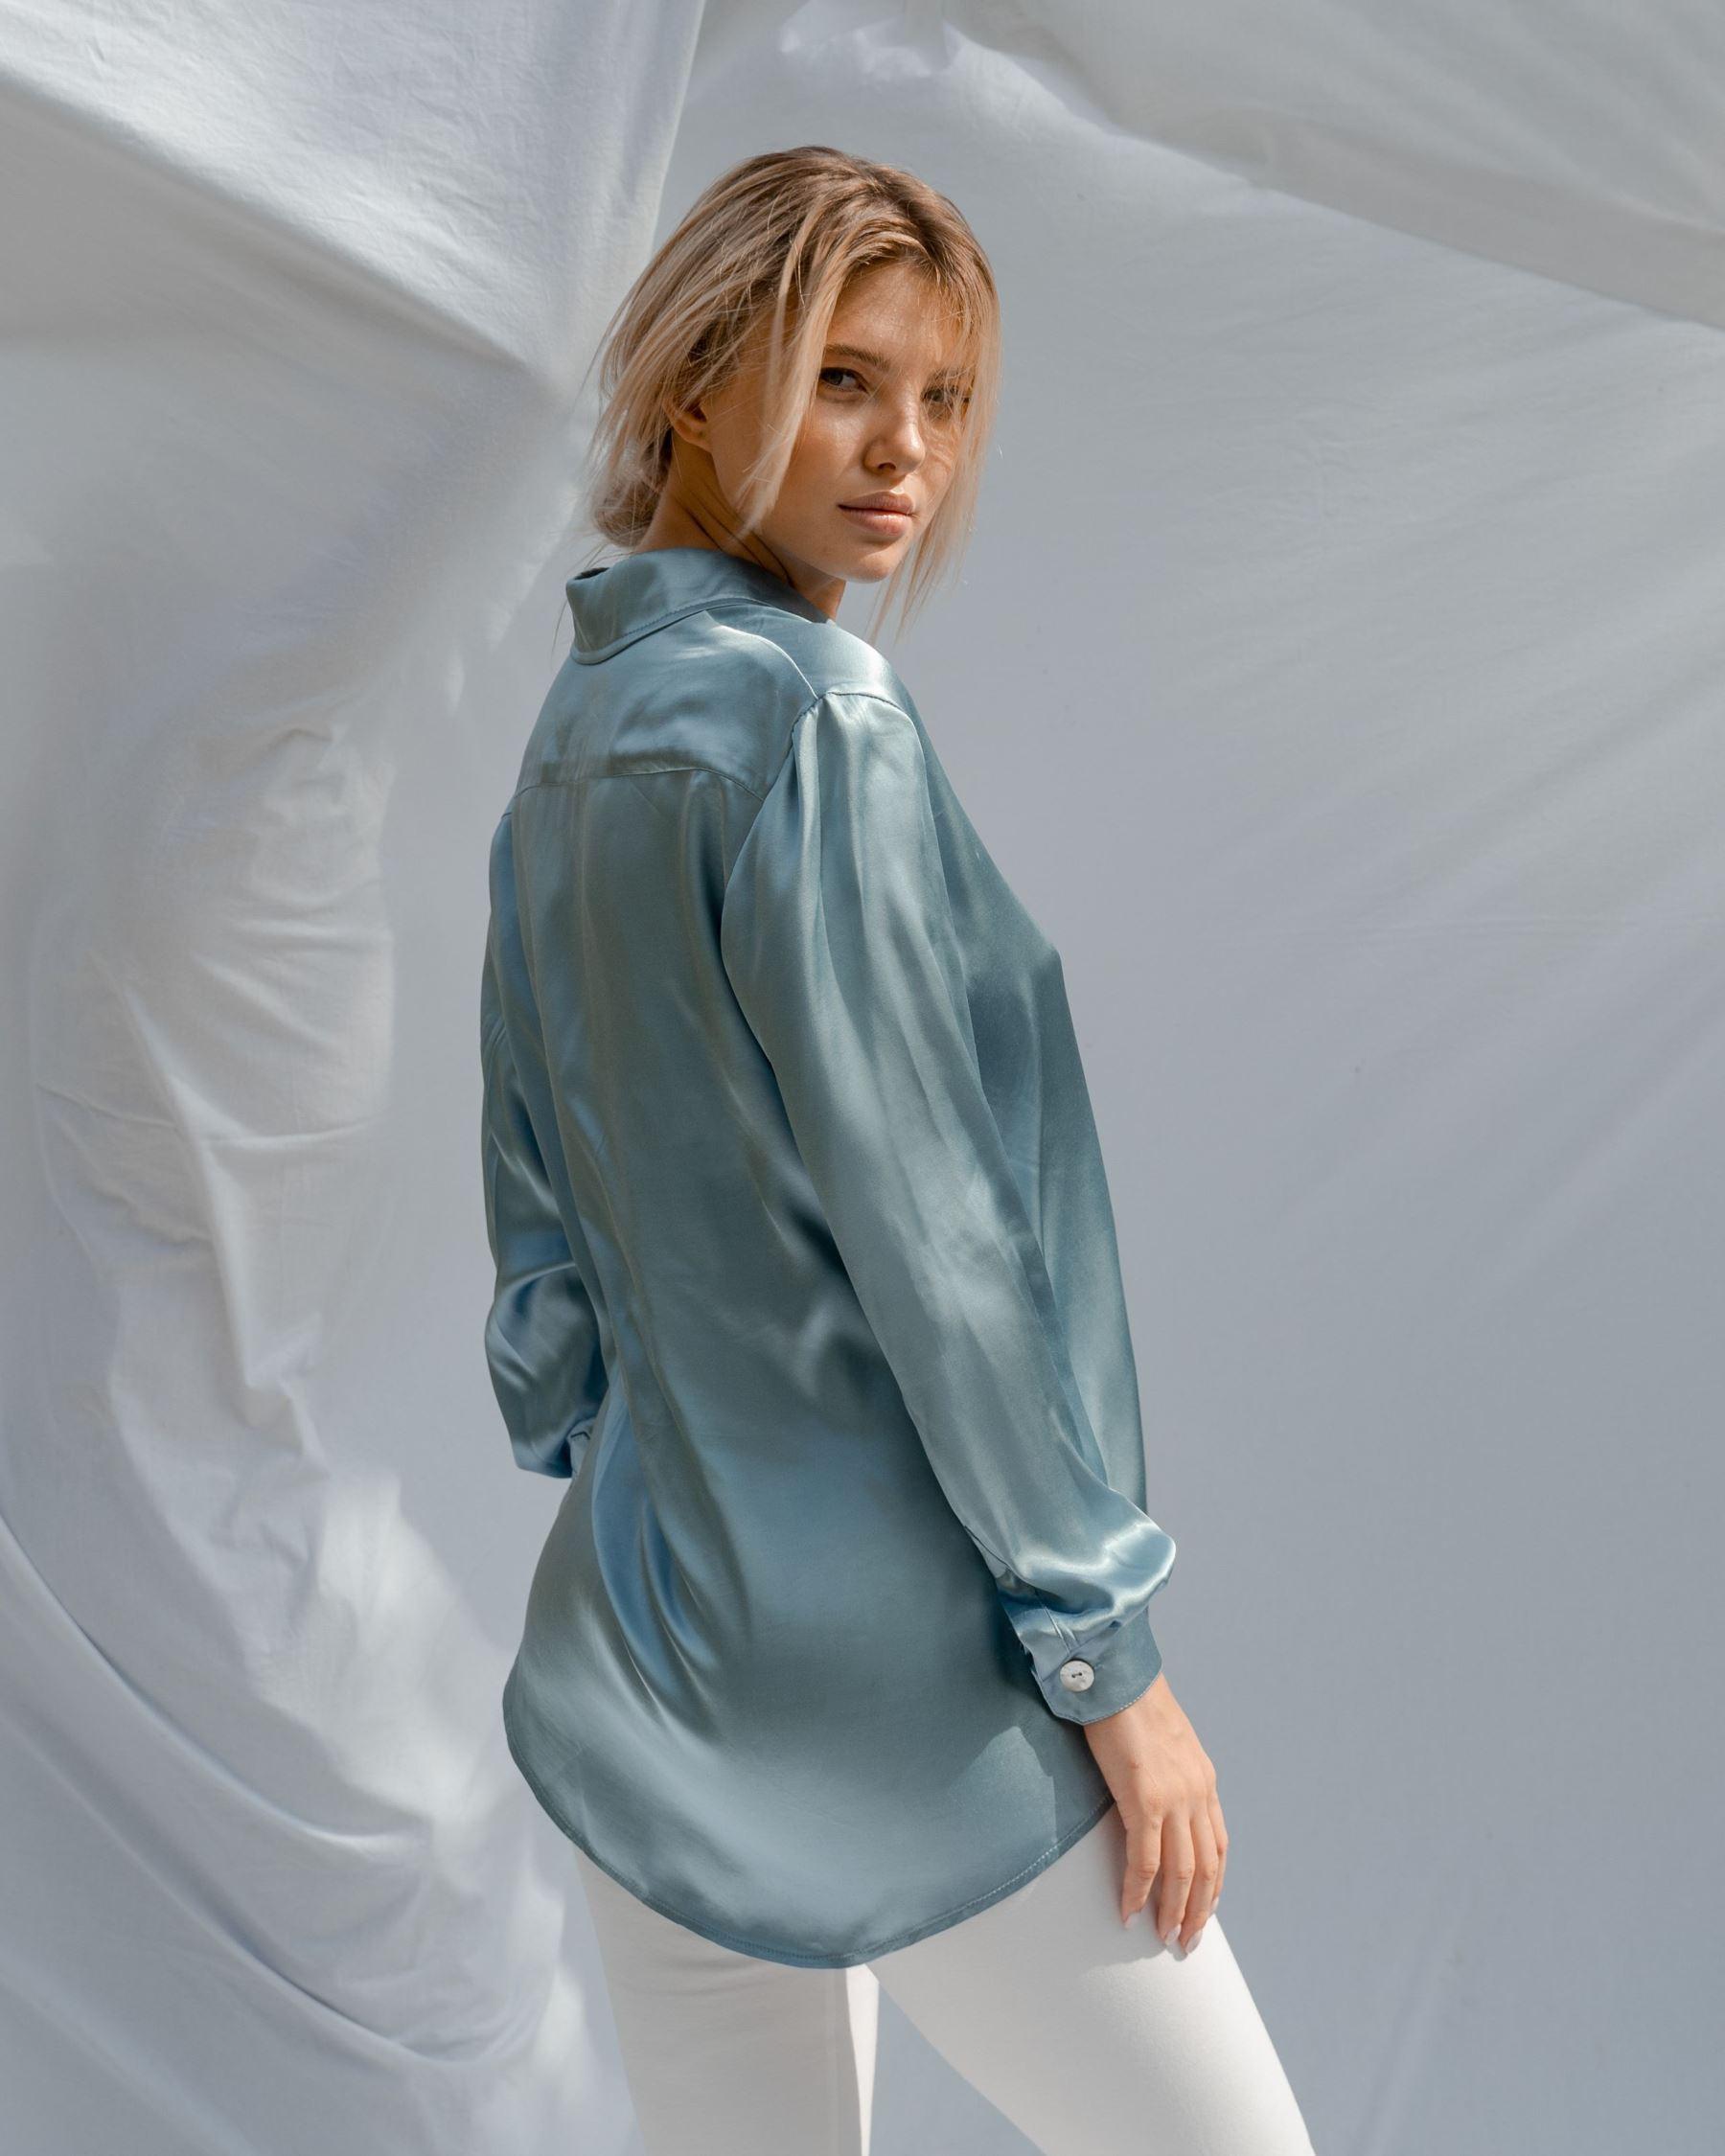 Атласная рубашка расслабленного силуэта голубая